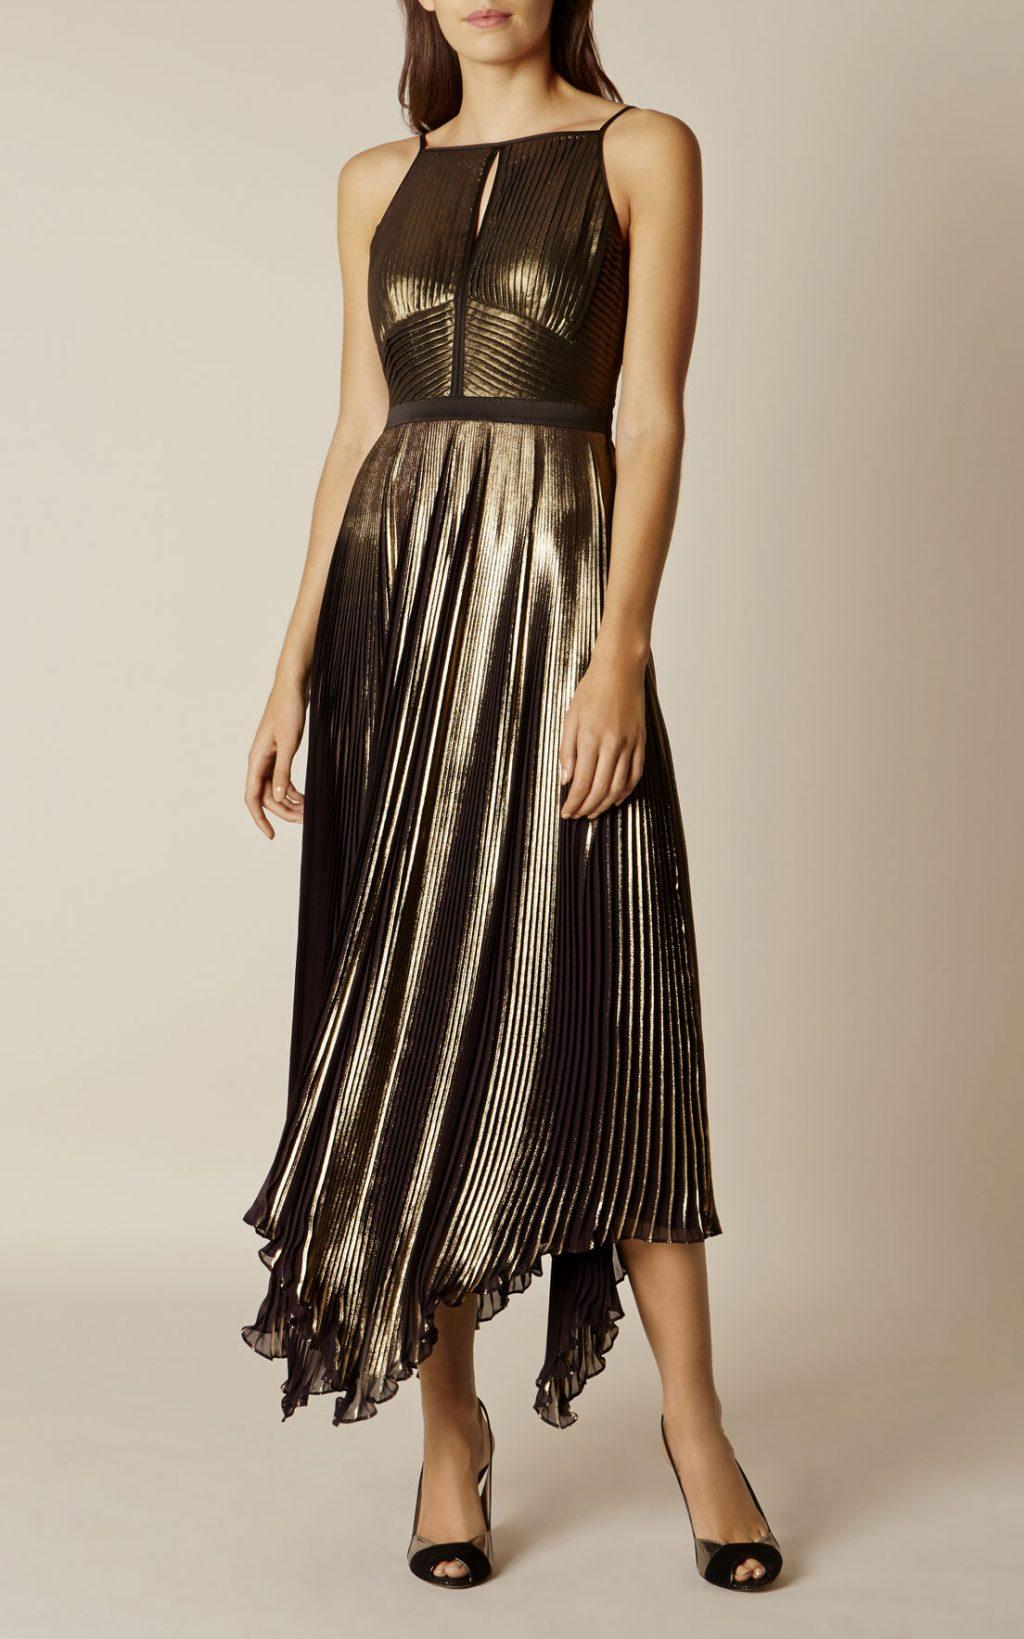 22 mẫu váy đẹp cho mùa Giáng sinh và năm mới - KAREN MILLEN